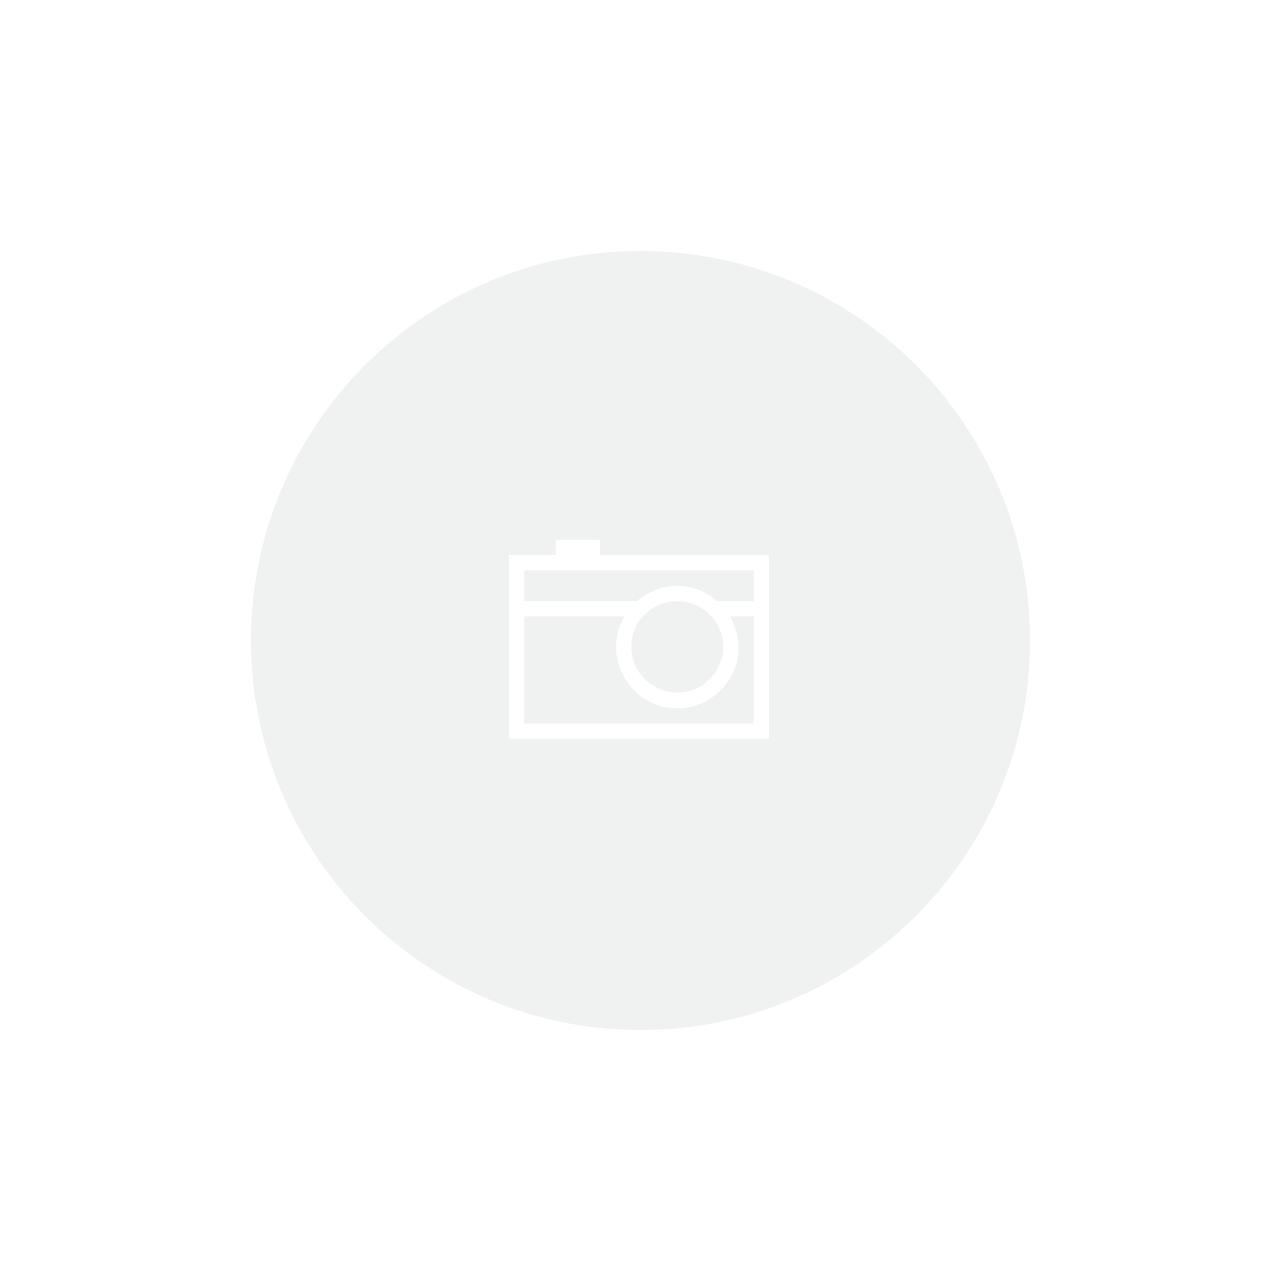 Almofada Veludo Fendi c/ Aplicação Couro Branco